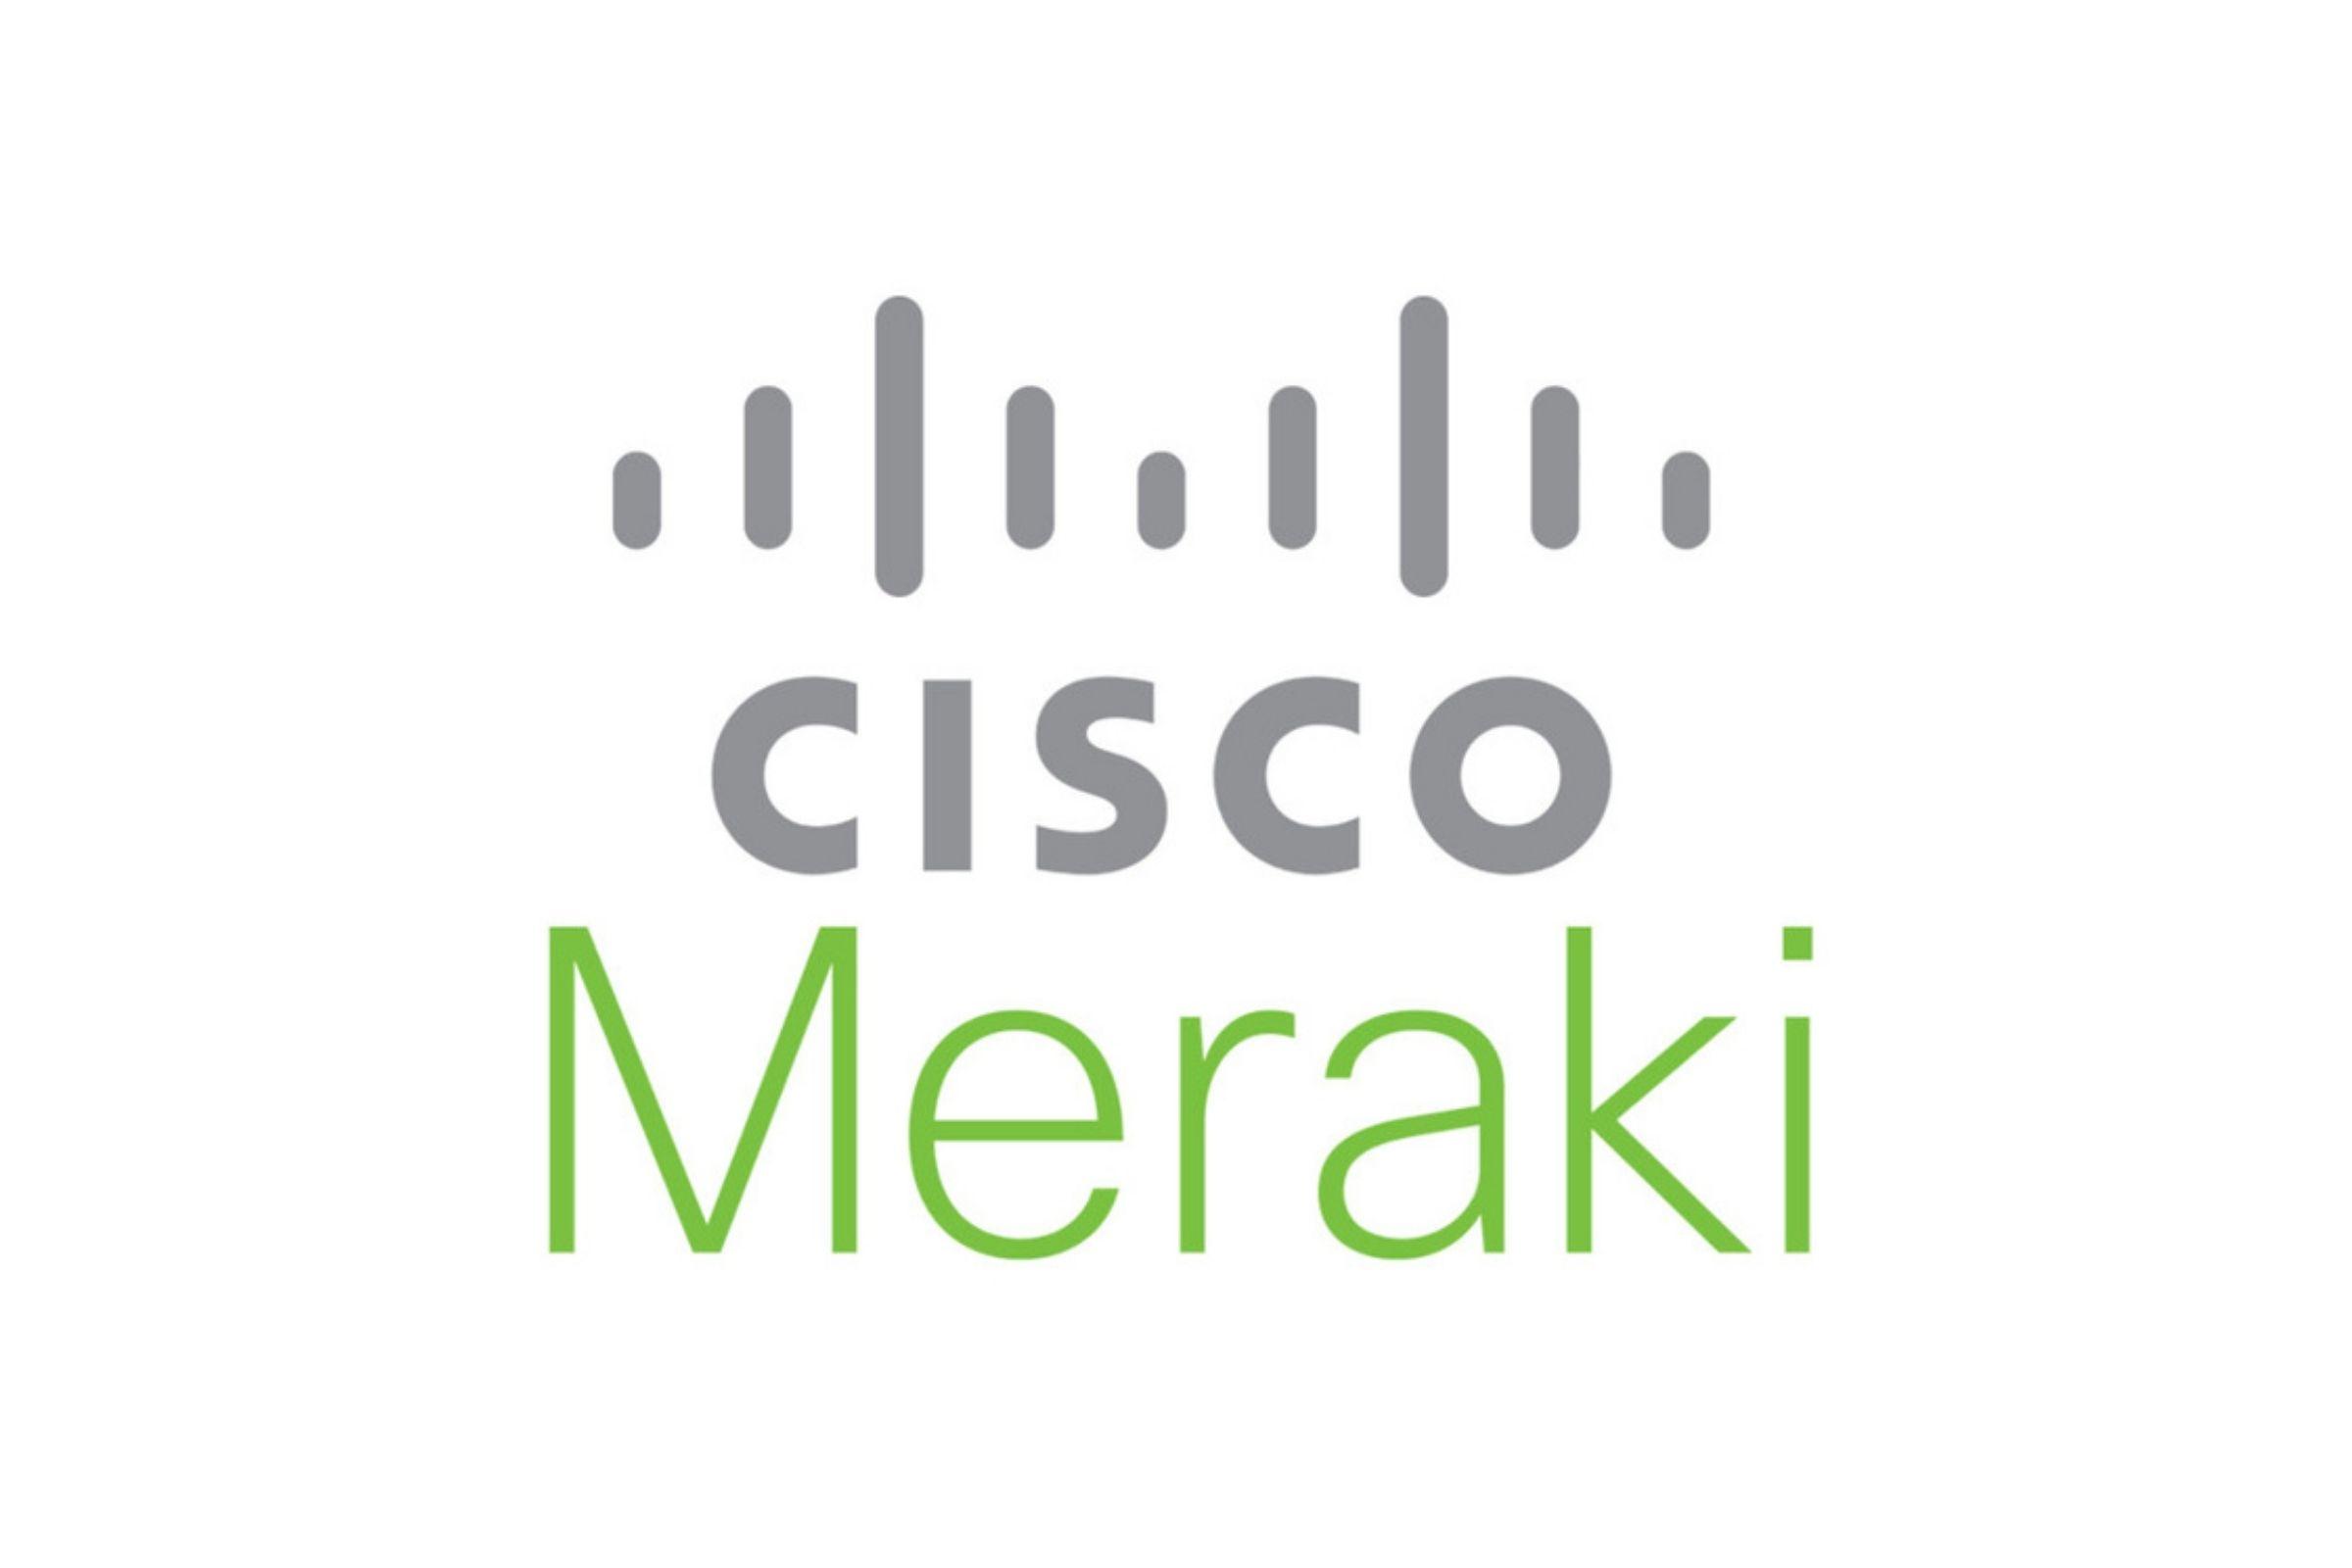 Cisco Meraki official logo